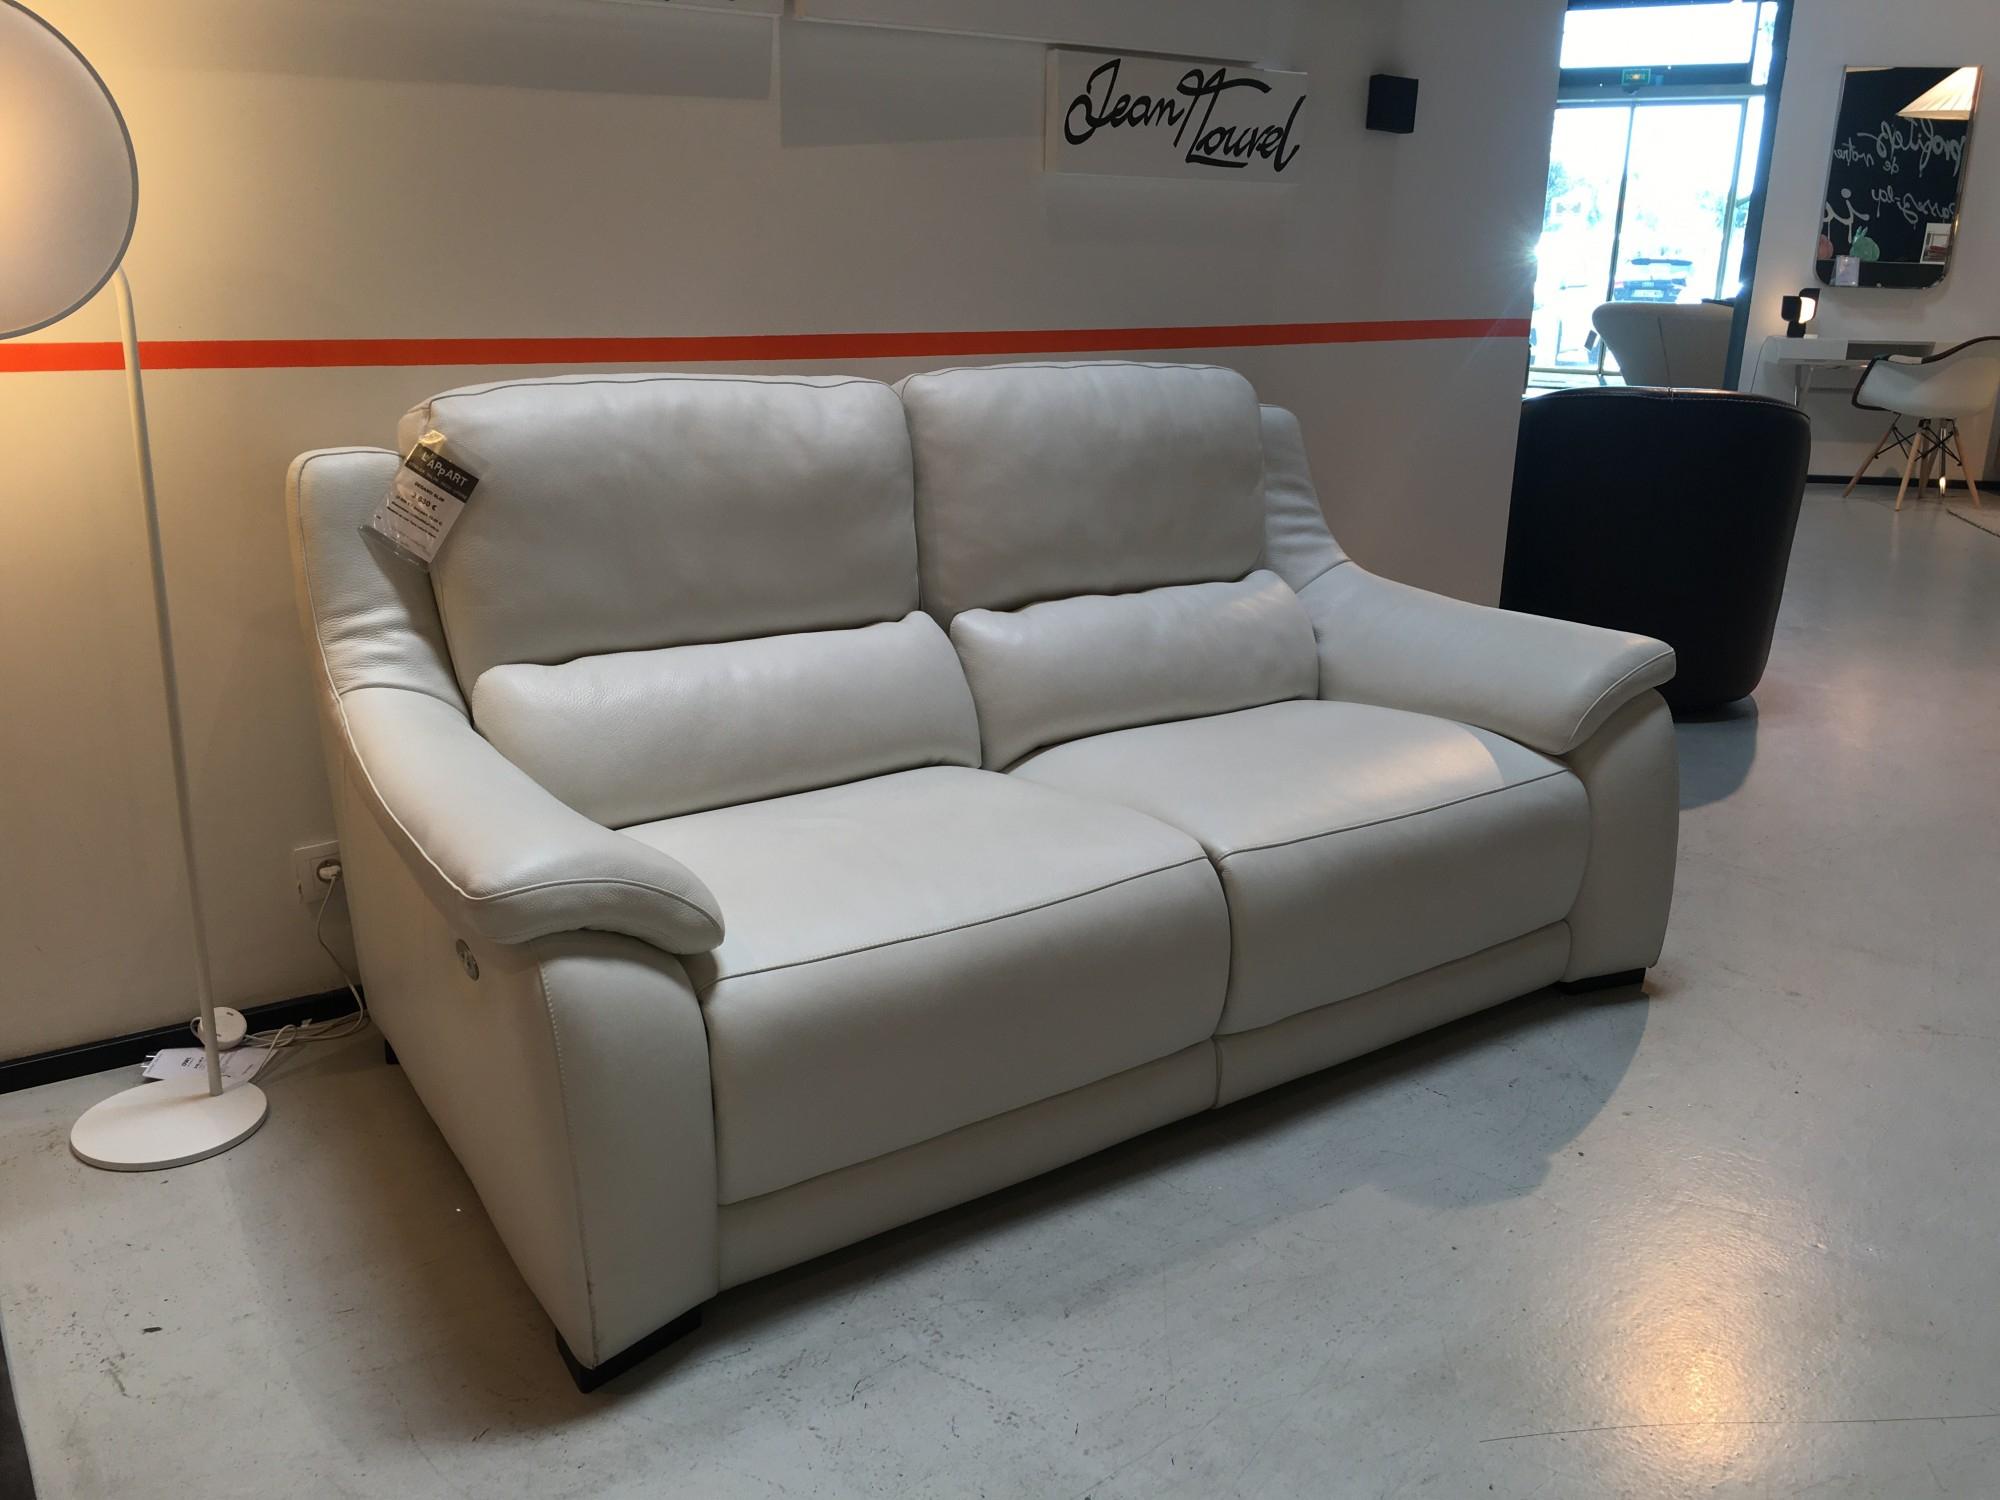 Housse Extensible Pour Canapé Relax Electrique Frais Photos Fauteuil Et Canap Finest Nettoyage De Canap En Cuir Tissu Fibre